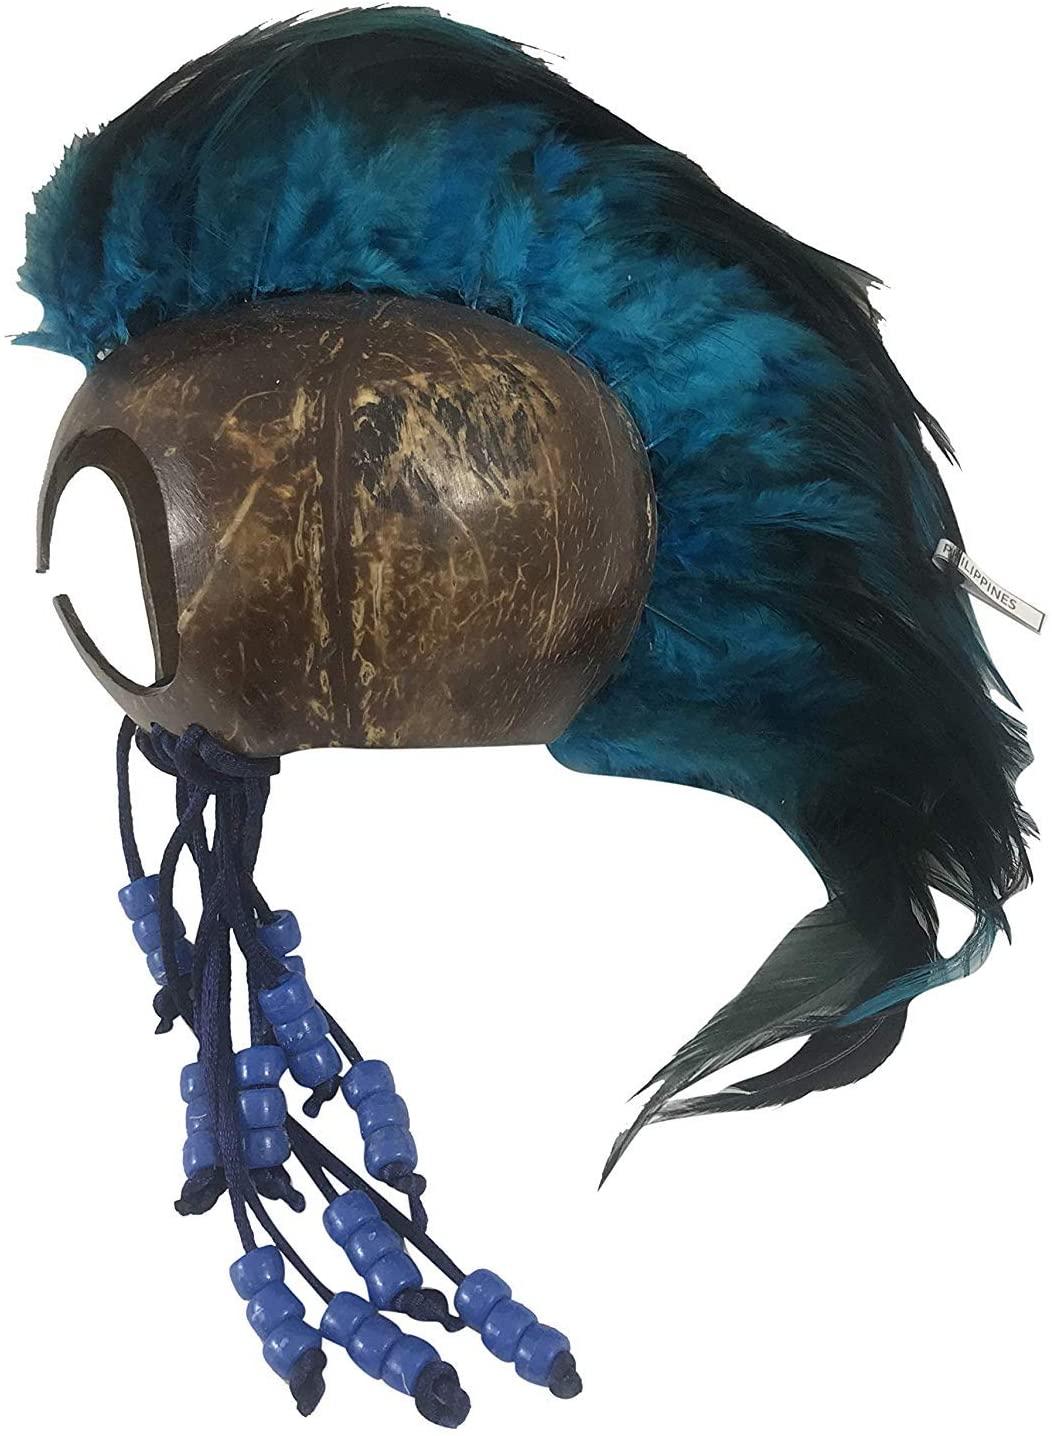 Westman Works Large Hawaiian Warrior Helmet Handmade from a Real Coconut Hawaii Makini Makaki'i Ikaika Home Decor Gift